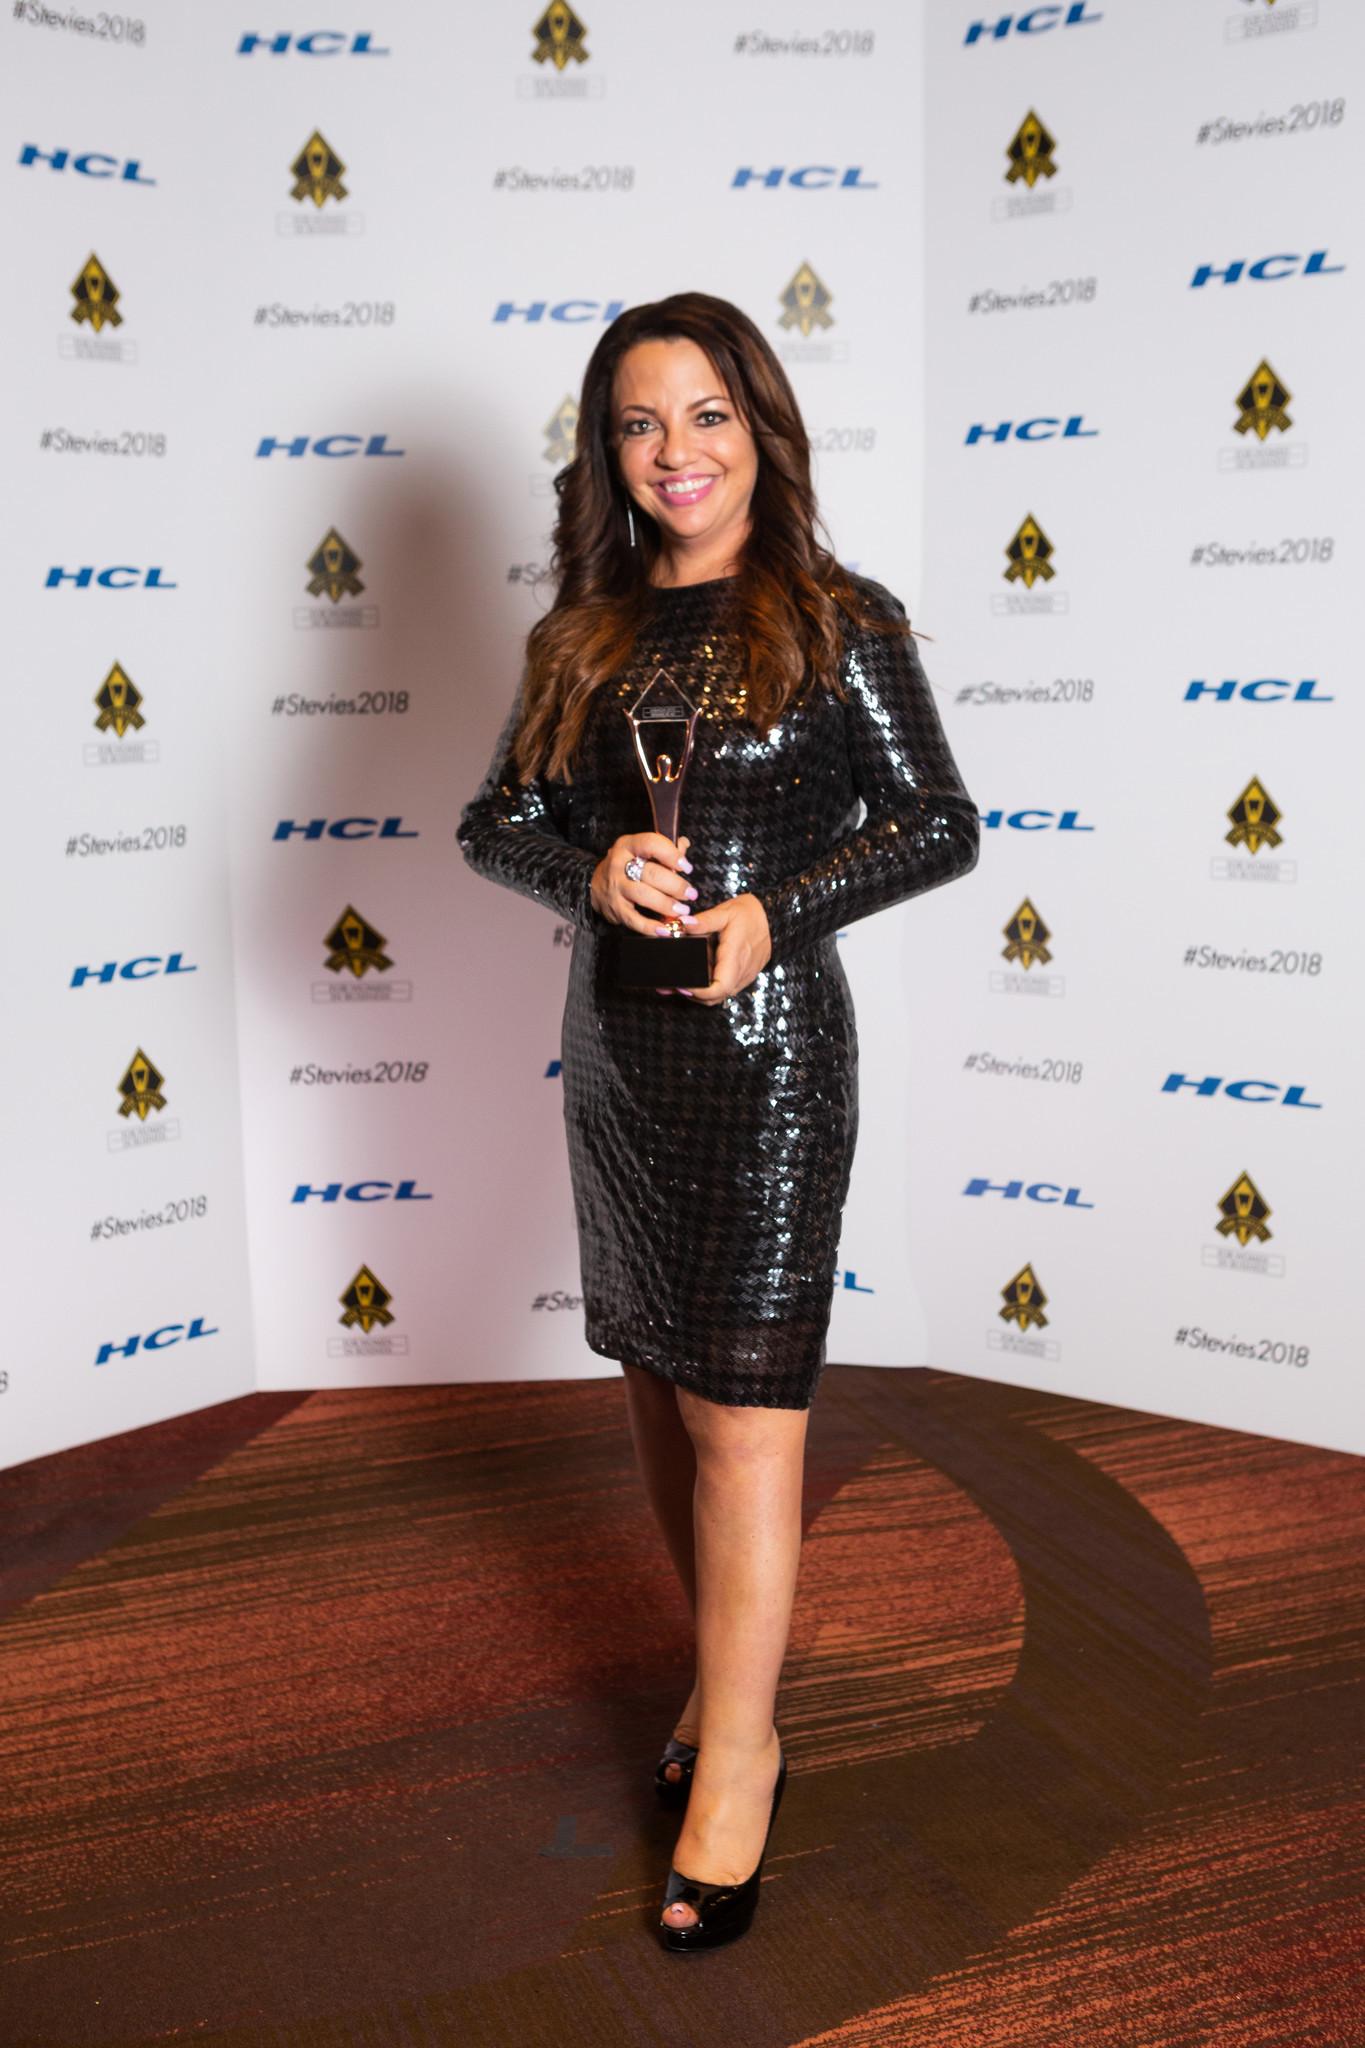 PR innovator Michelle Mekky wins prestigious Stevie Award for Women in Business, receiving bronze medal as Entrepreneur of the Year in New York Nov. 16